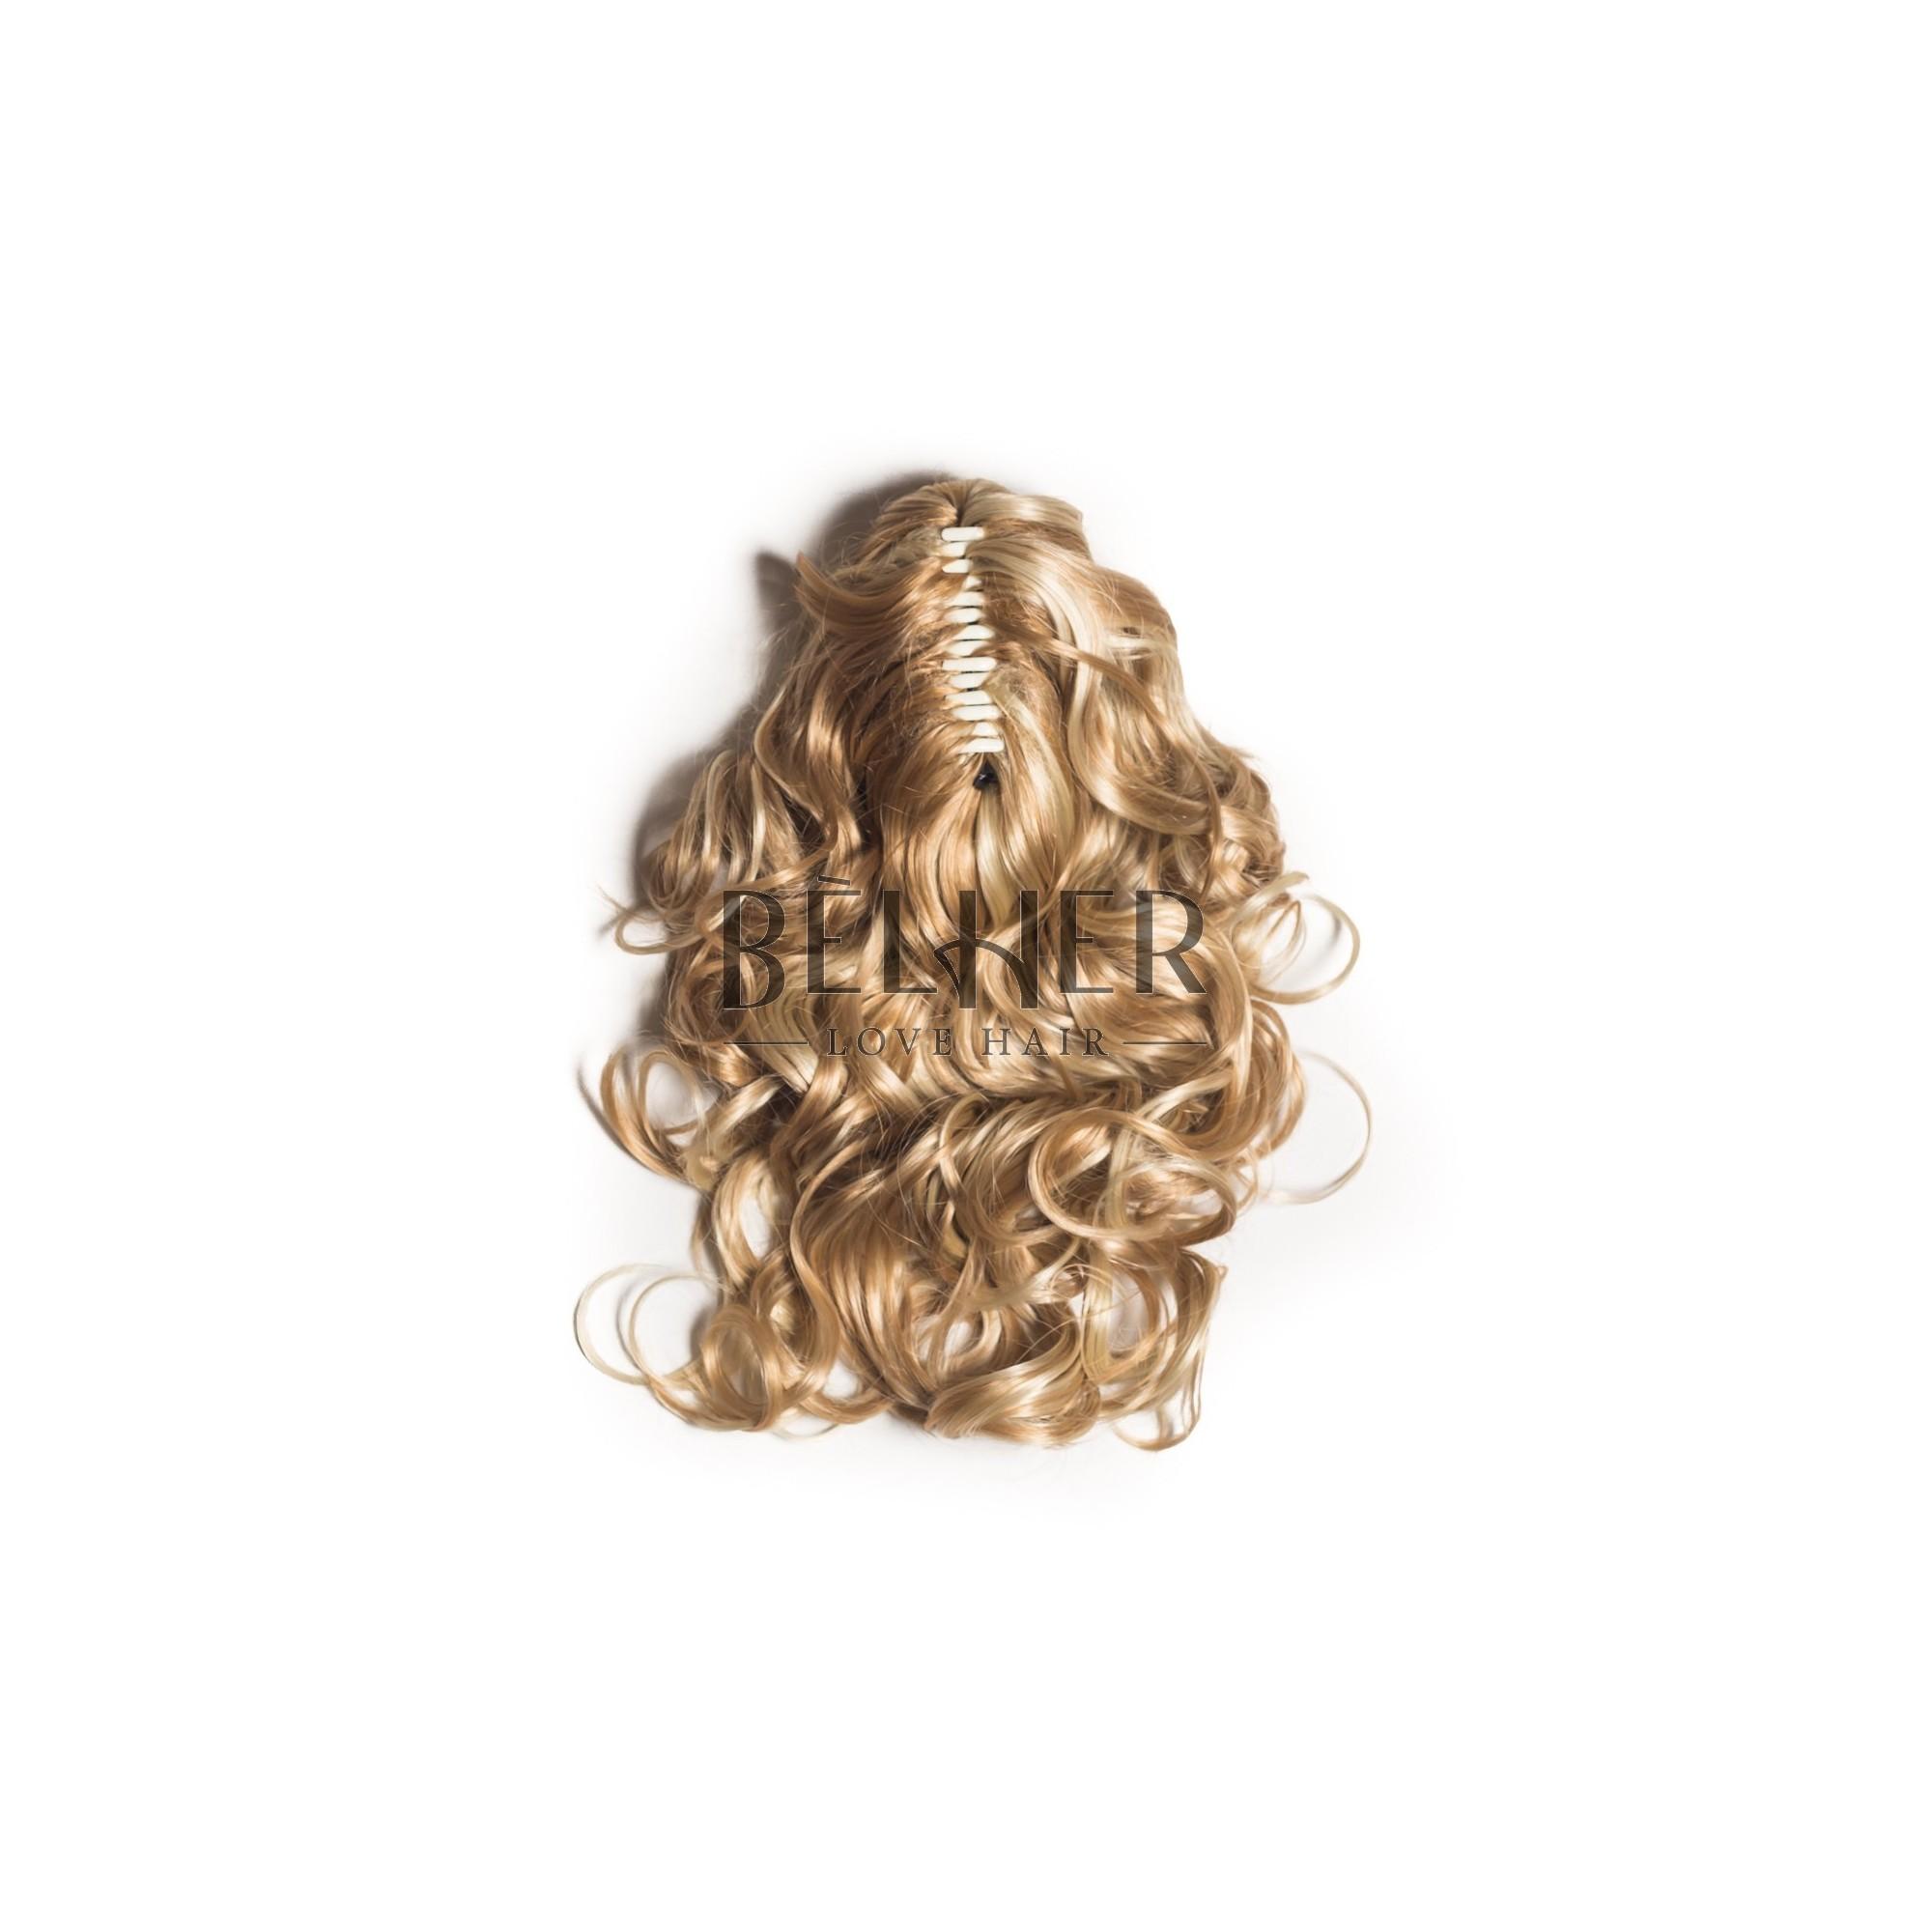 Coada Ondulata Cleste Mix Blond Auriu